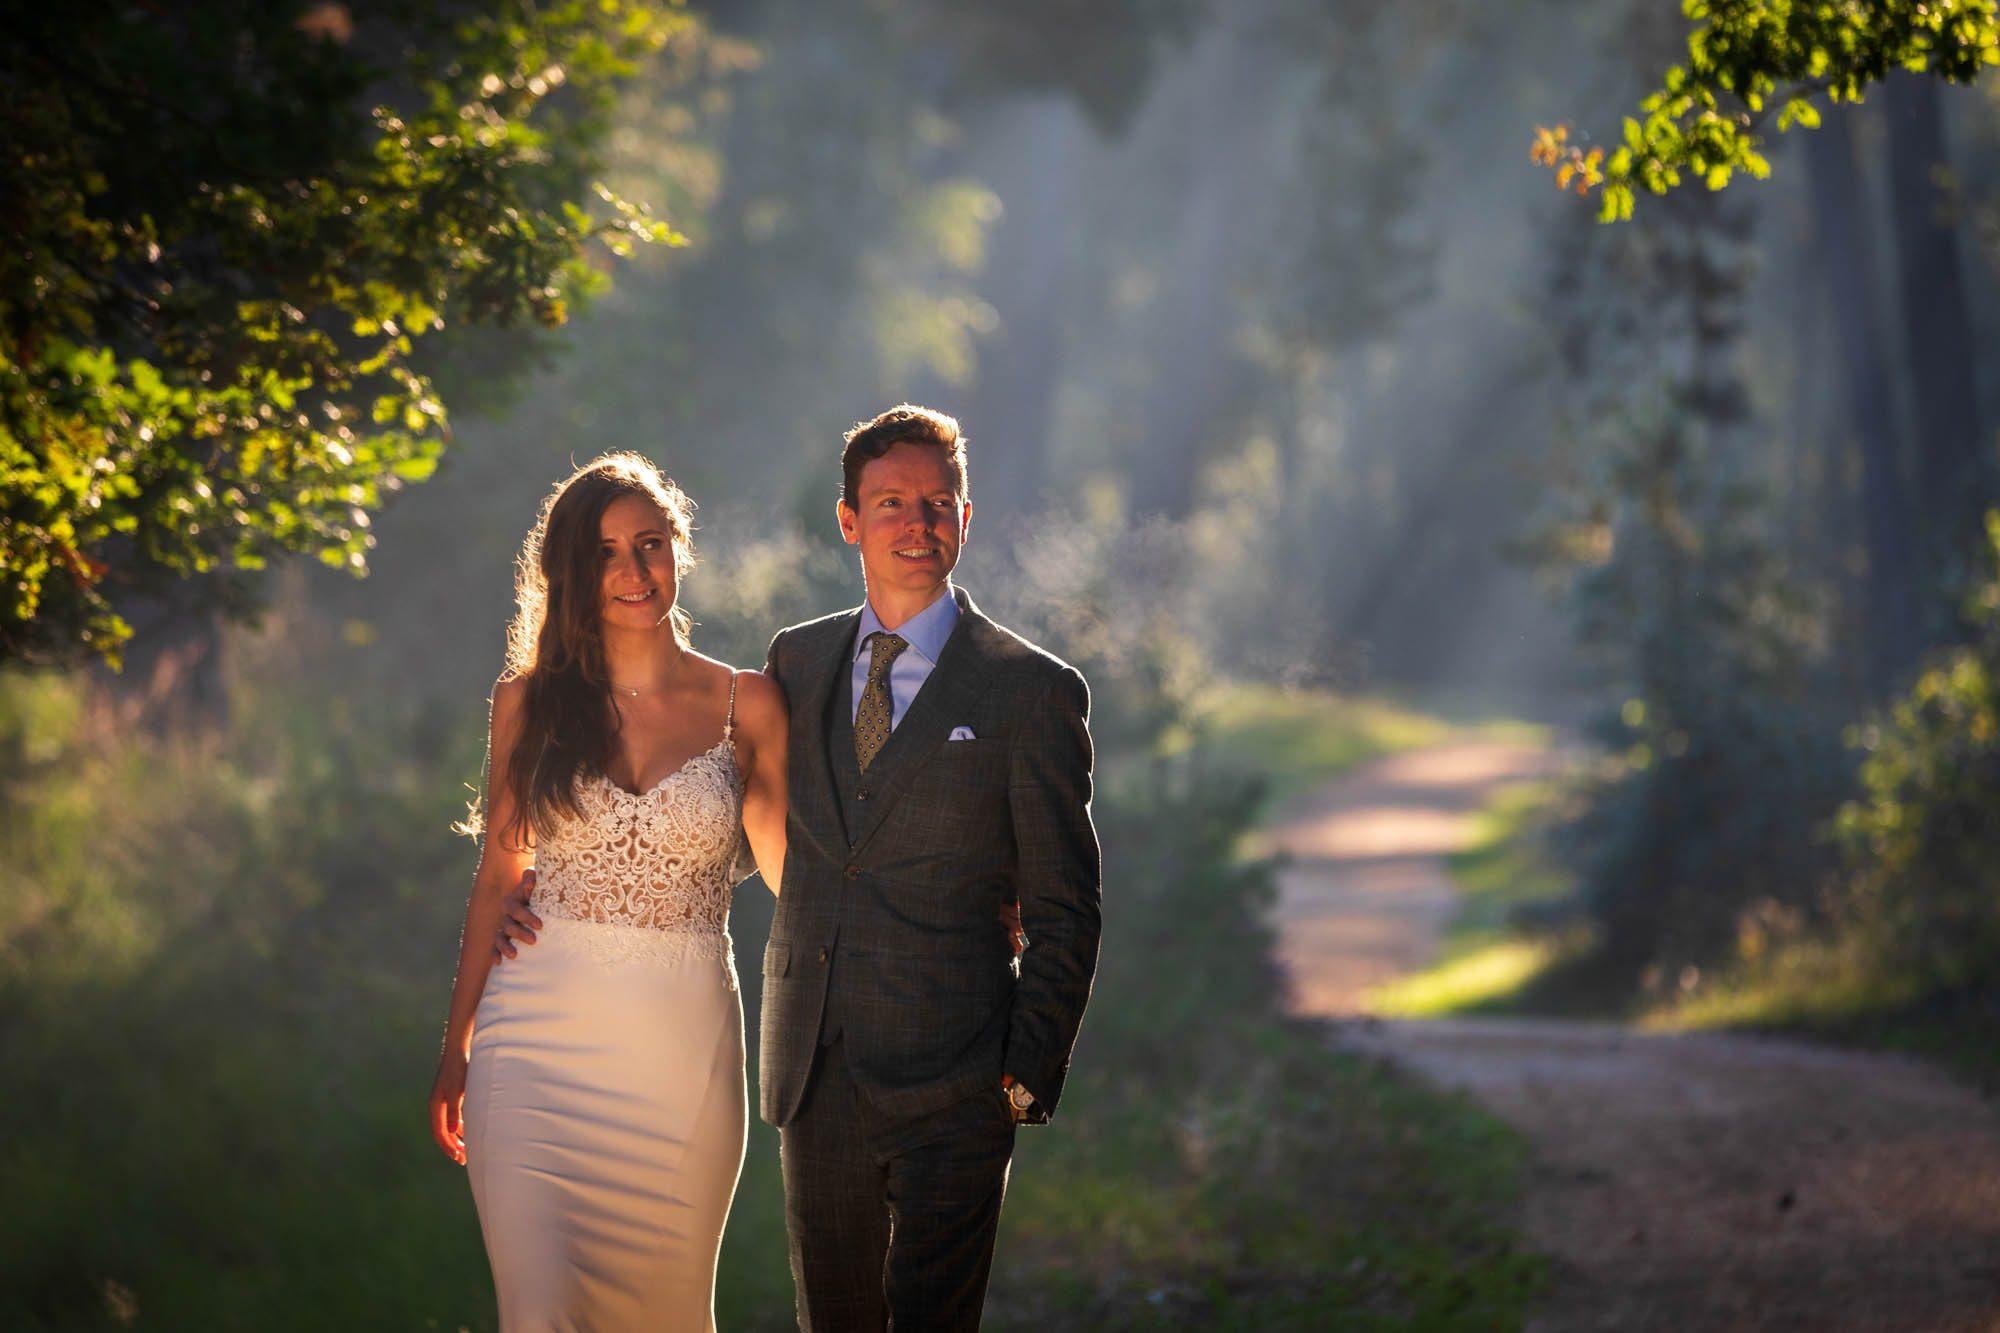 Trash the dress fotoshoot na de bruiloft.